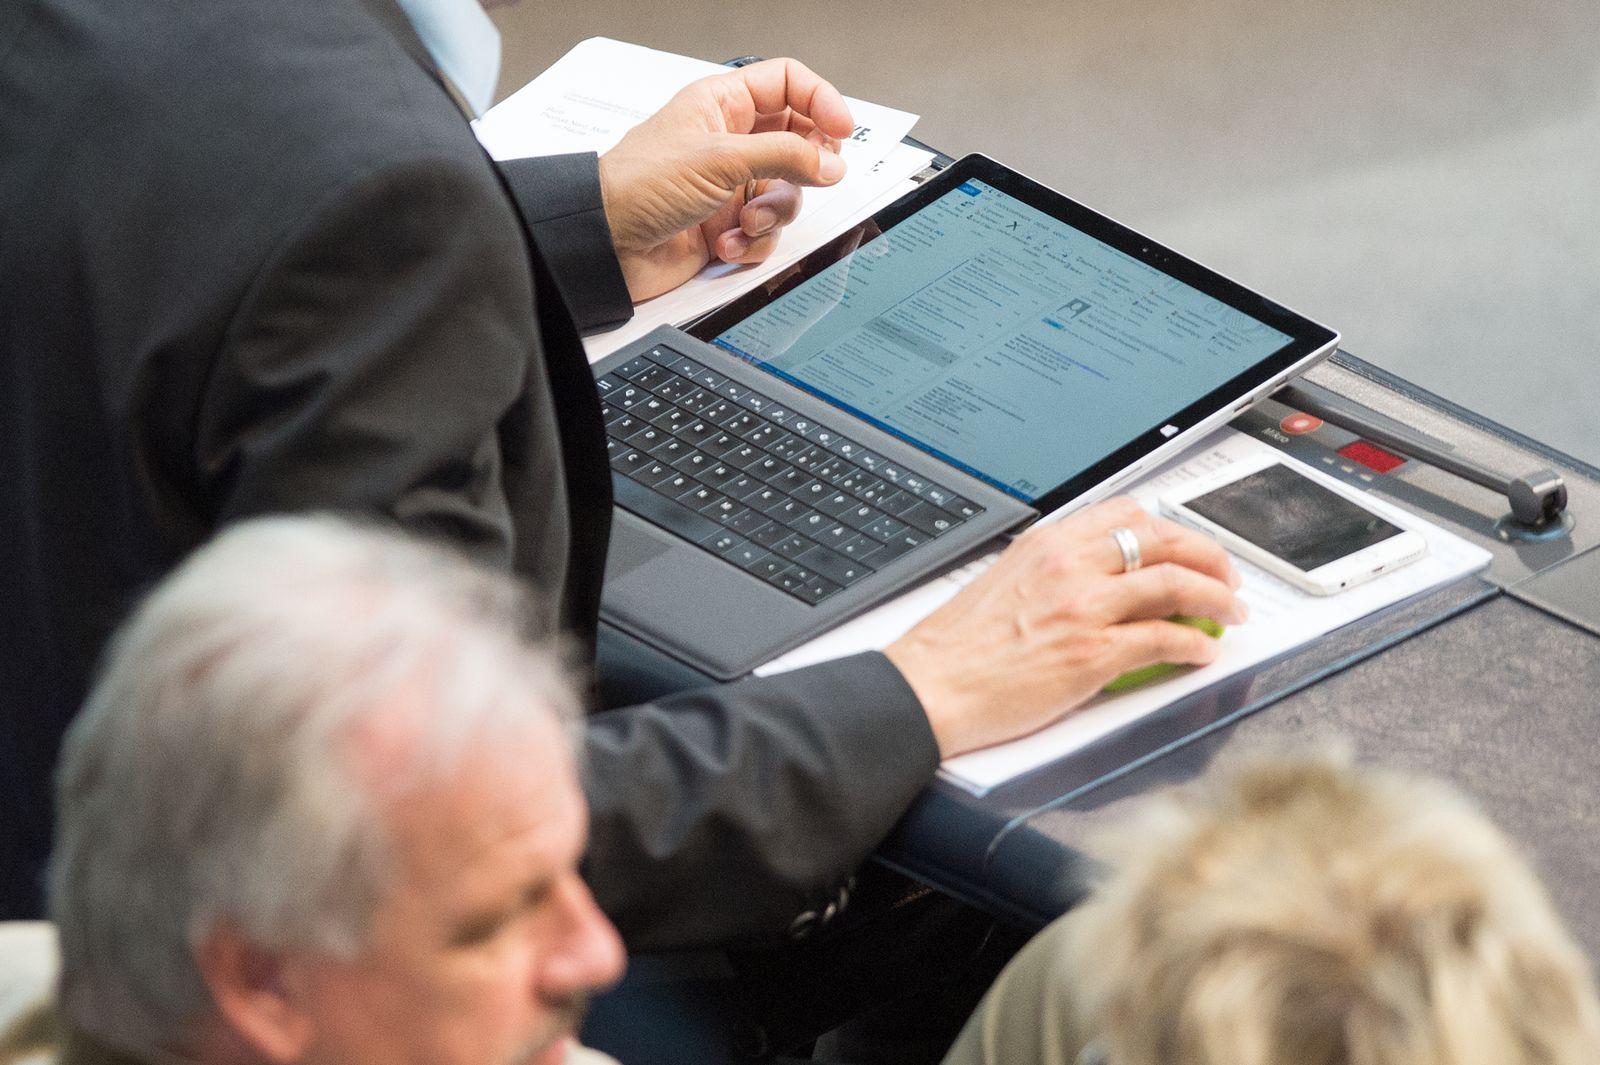 Bundestag / Tablet / PC